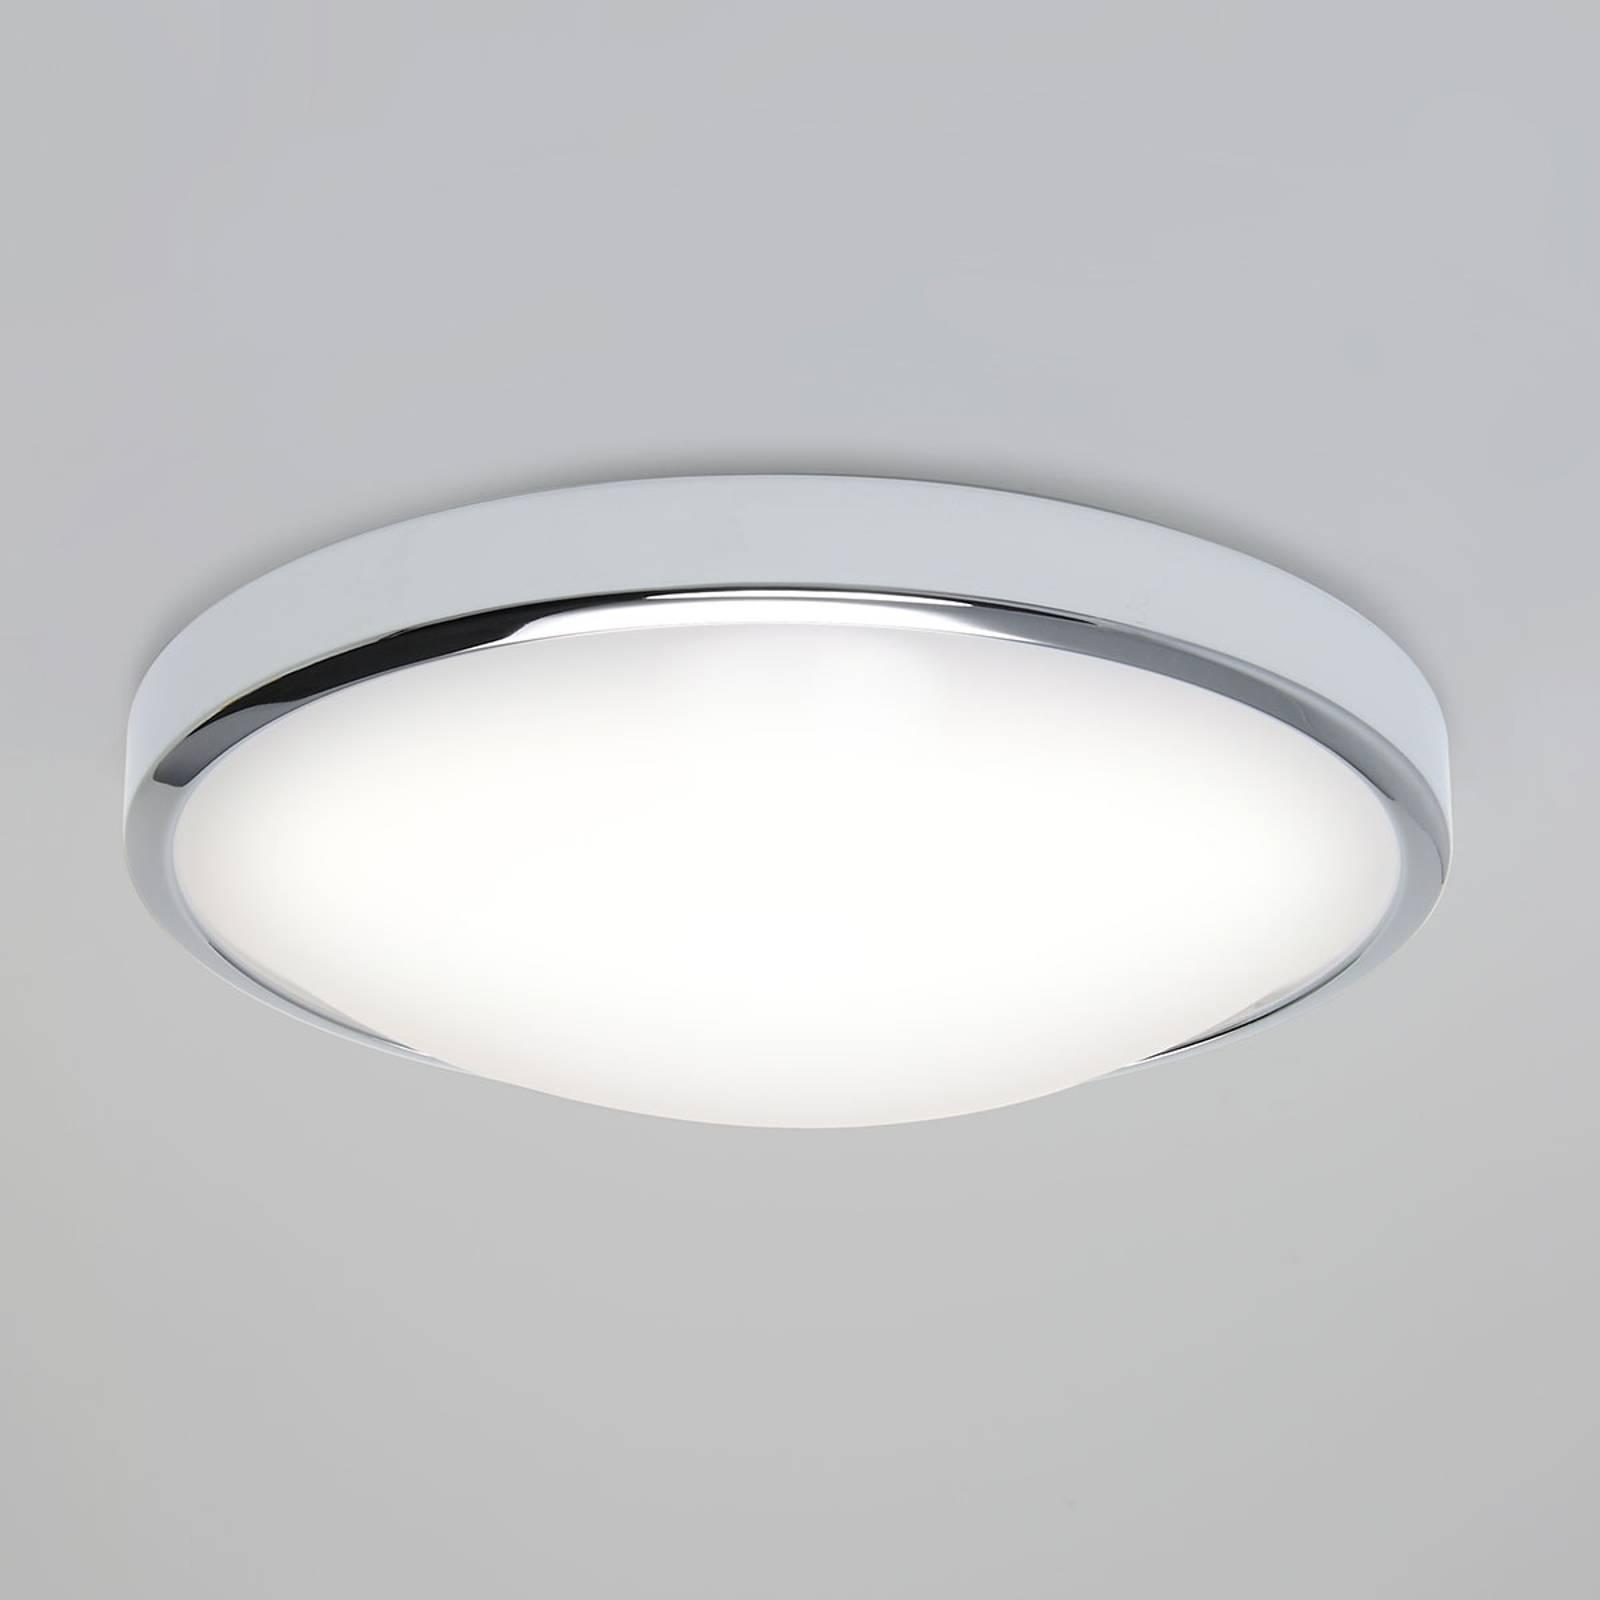 Osaka - ronde badkamer plafondlamp met LED's